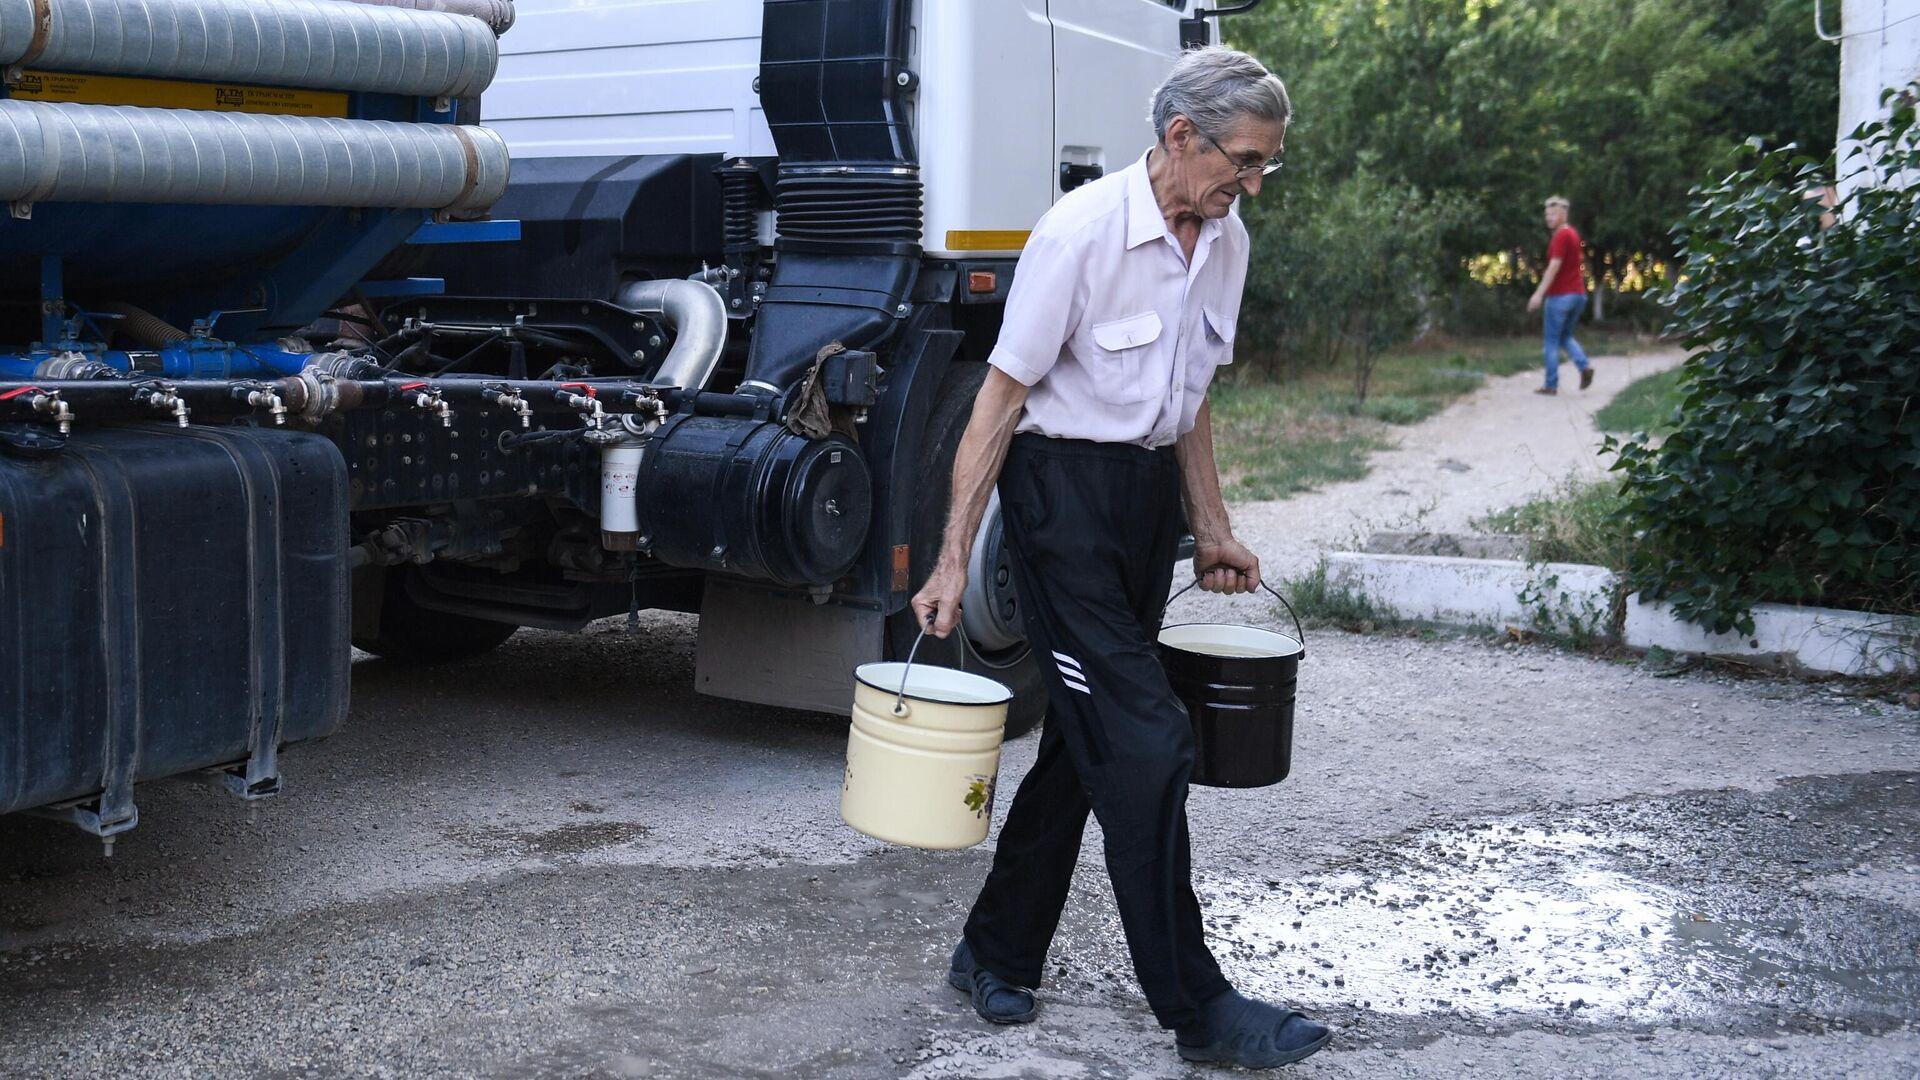 Житель Cимферополя набирает в емкости питьевую воду, привезенную в цистернах - РИА Новости, 1920, 22.11.2020